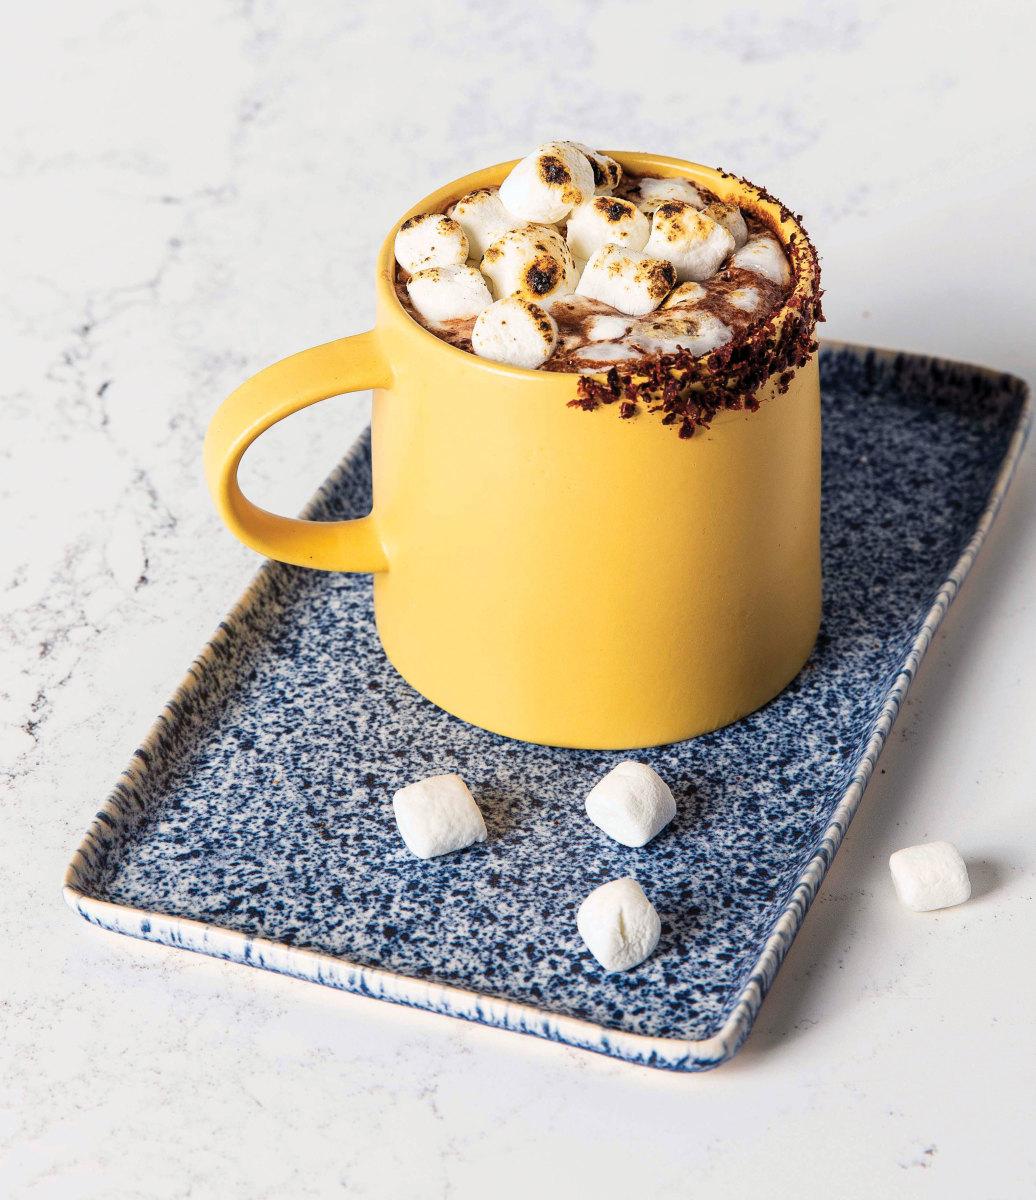 Sumac Hot Chocolate (c) Matt Taylor-Gross